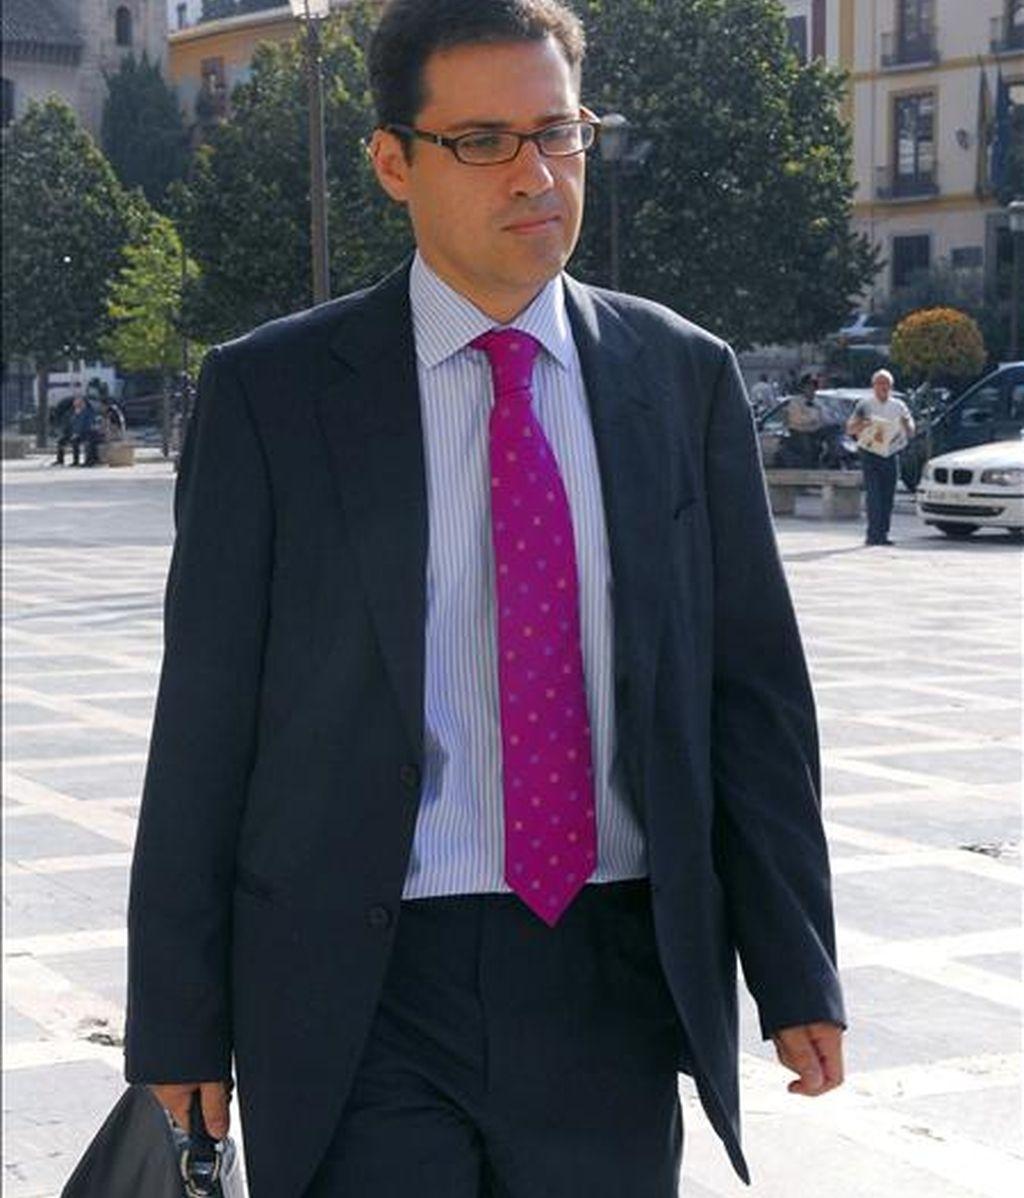 El magistrado Miguel Ángel Torres, quien instruyó inicialmente la operación Malaya contra la corrupción urbanística en Marbella. EFE/Archivo